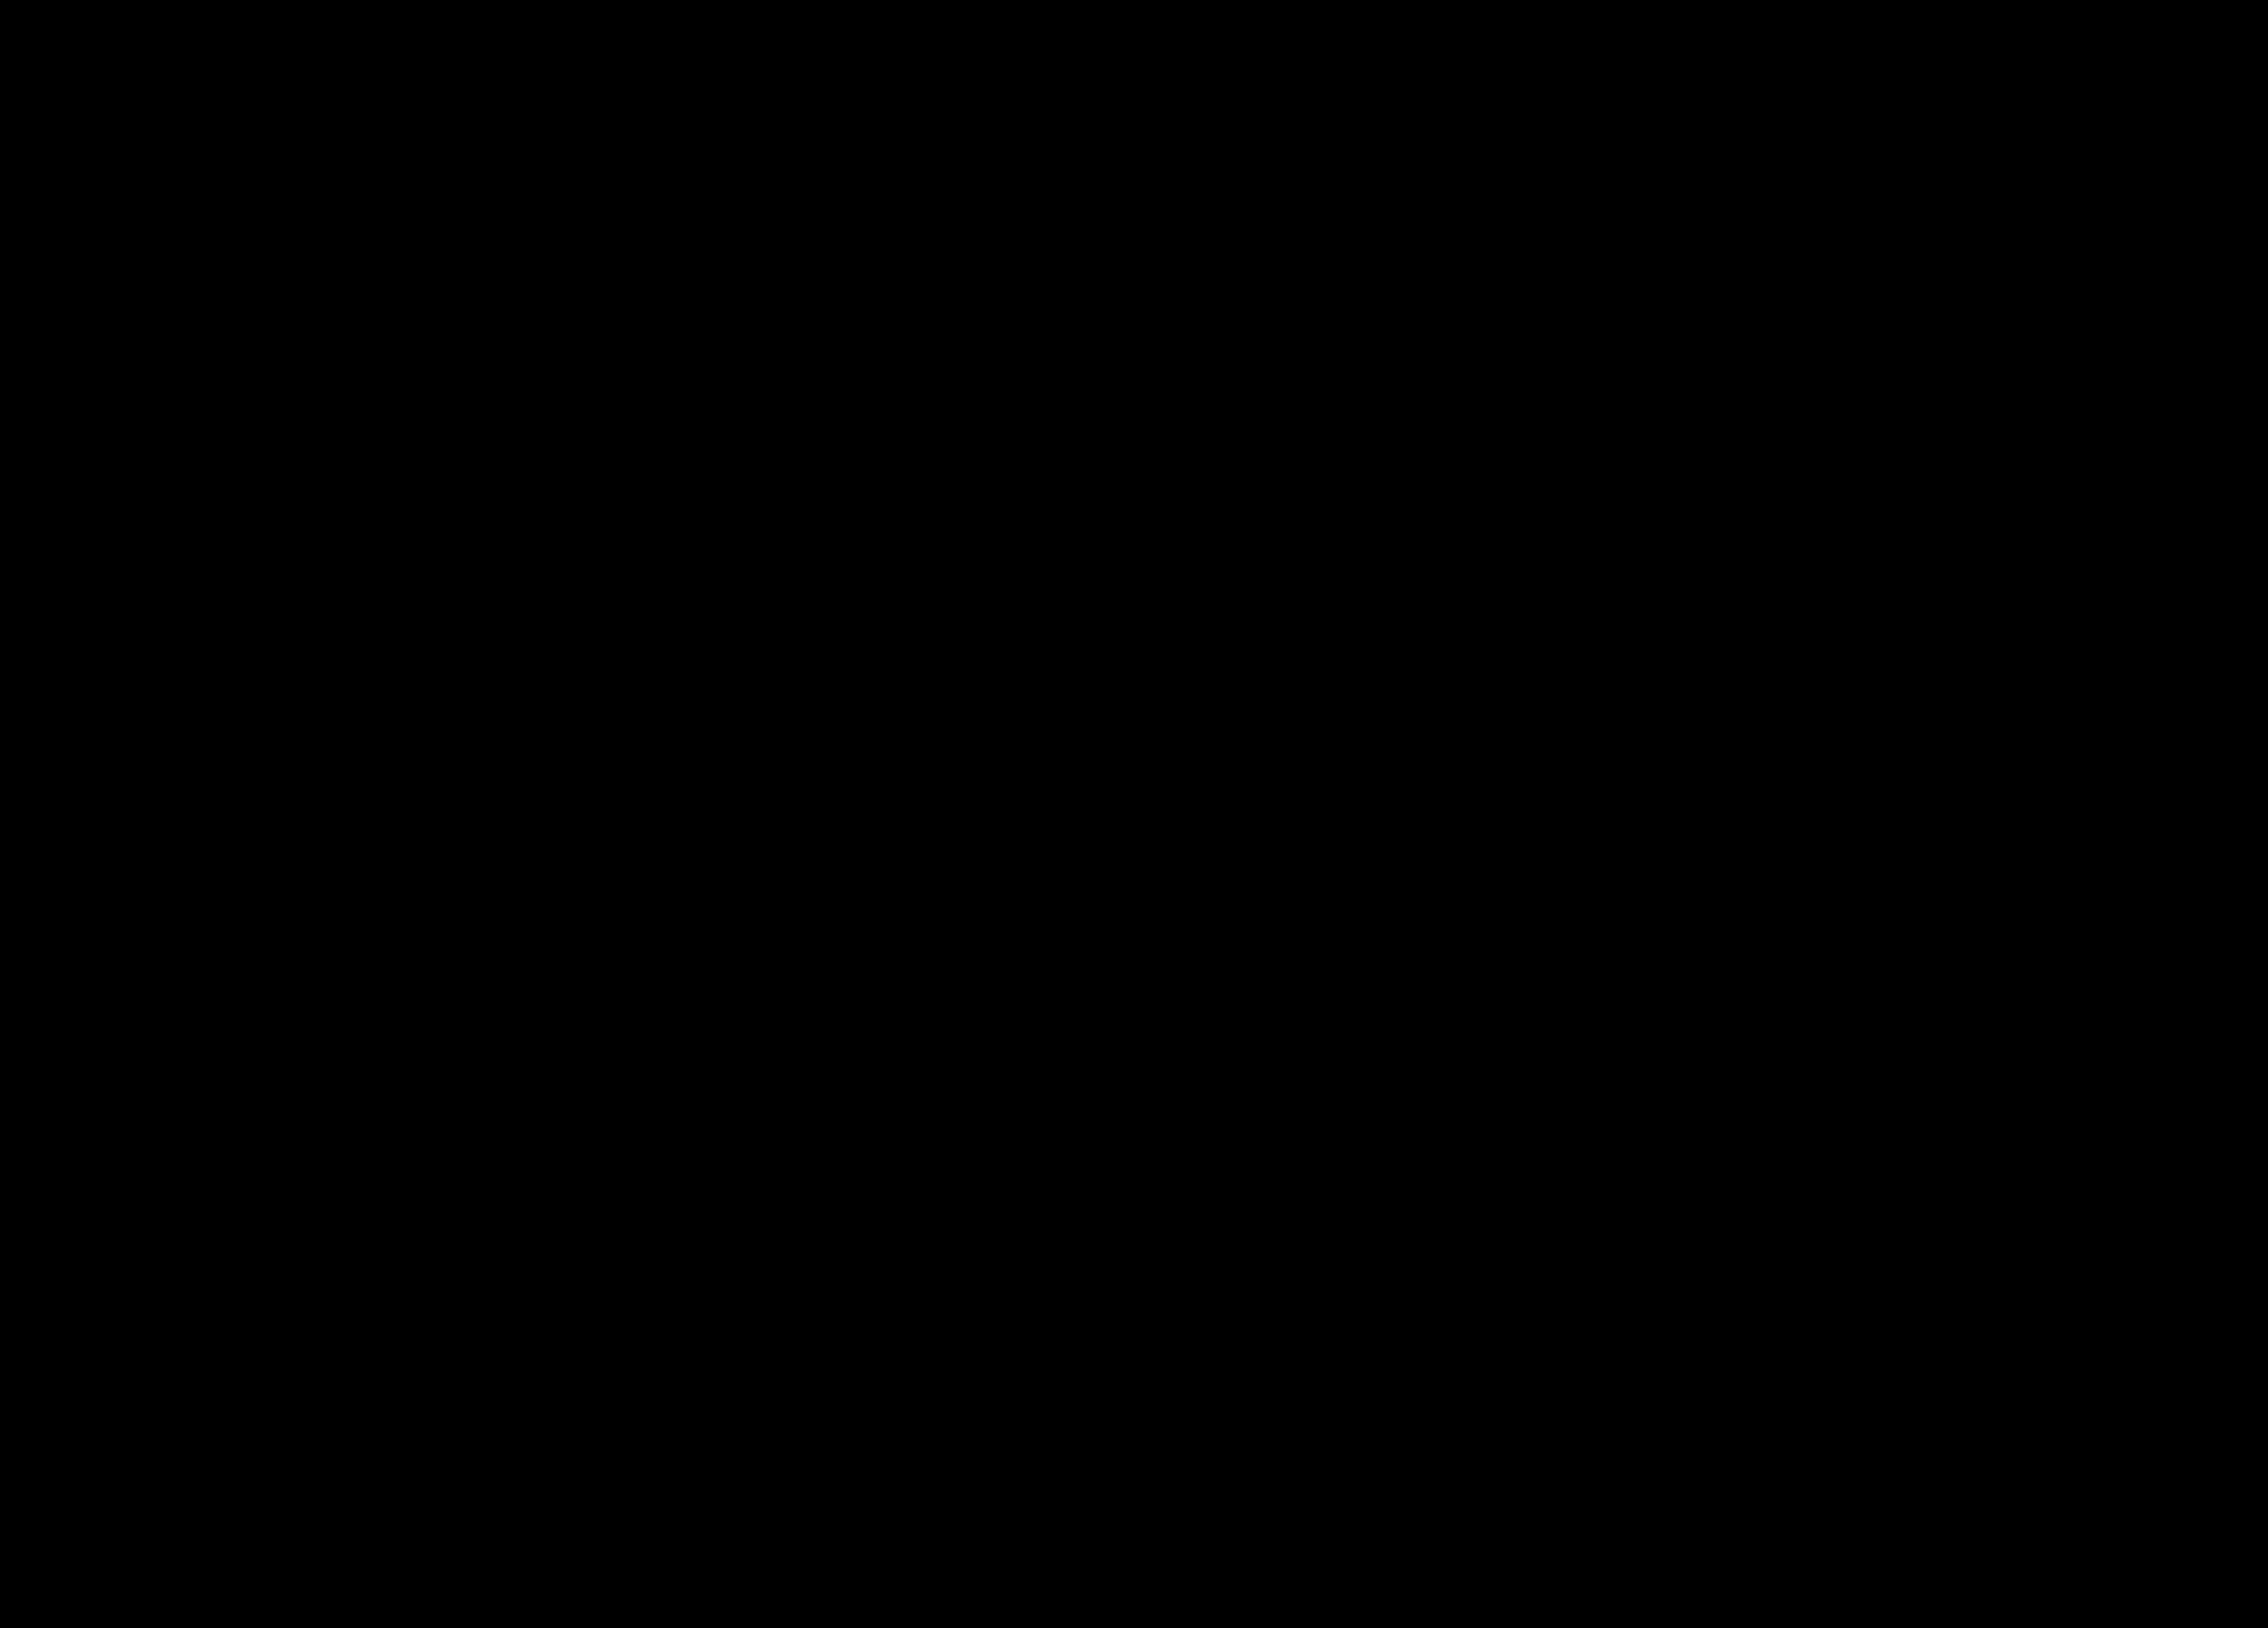 水產動物生產醫學教育訓練專輯(十六)鰻魚與石斑魚營養需求及人工飼料(另開新視窗)